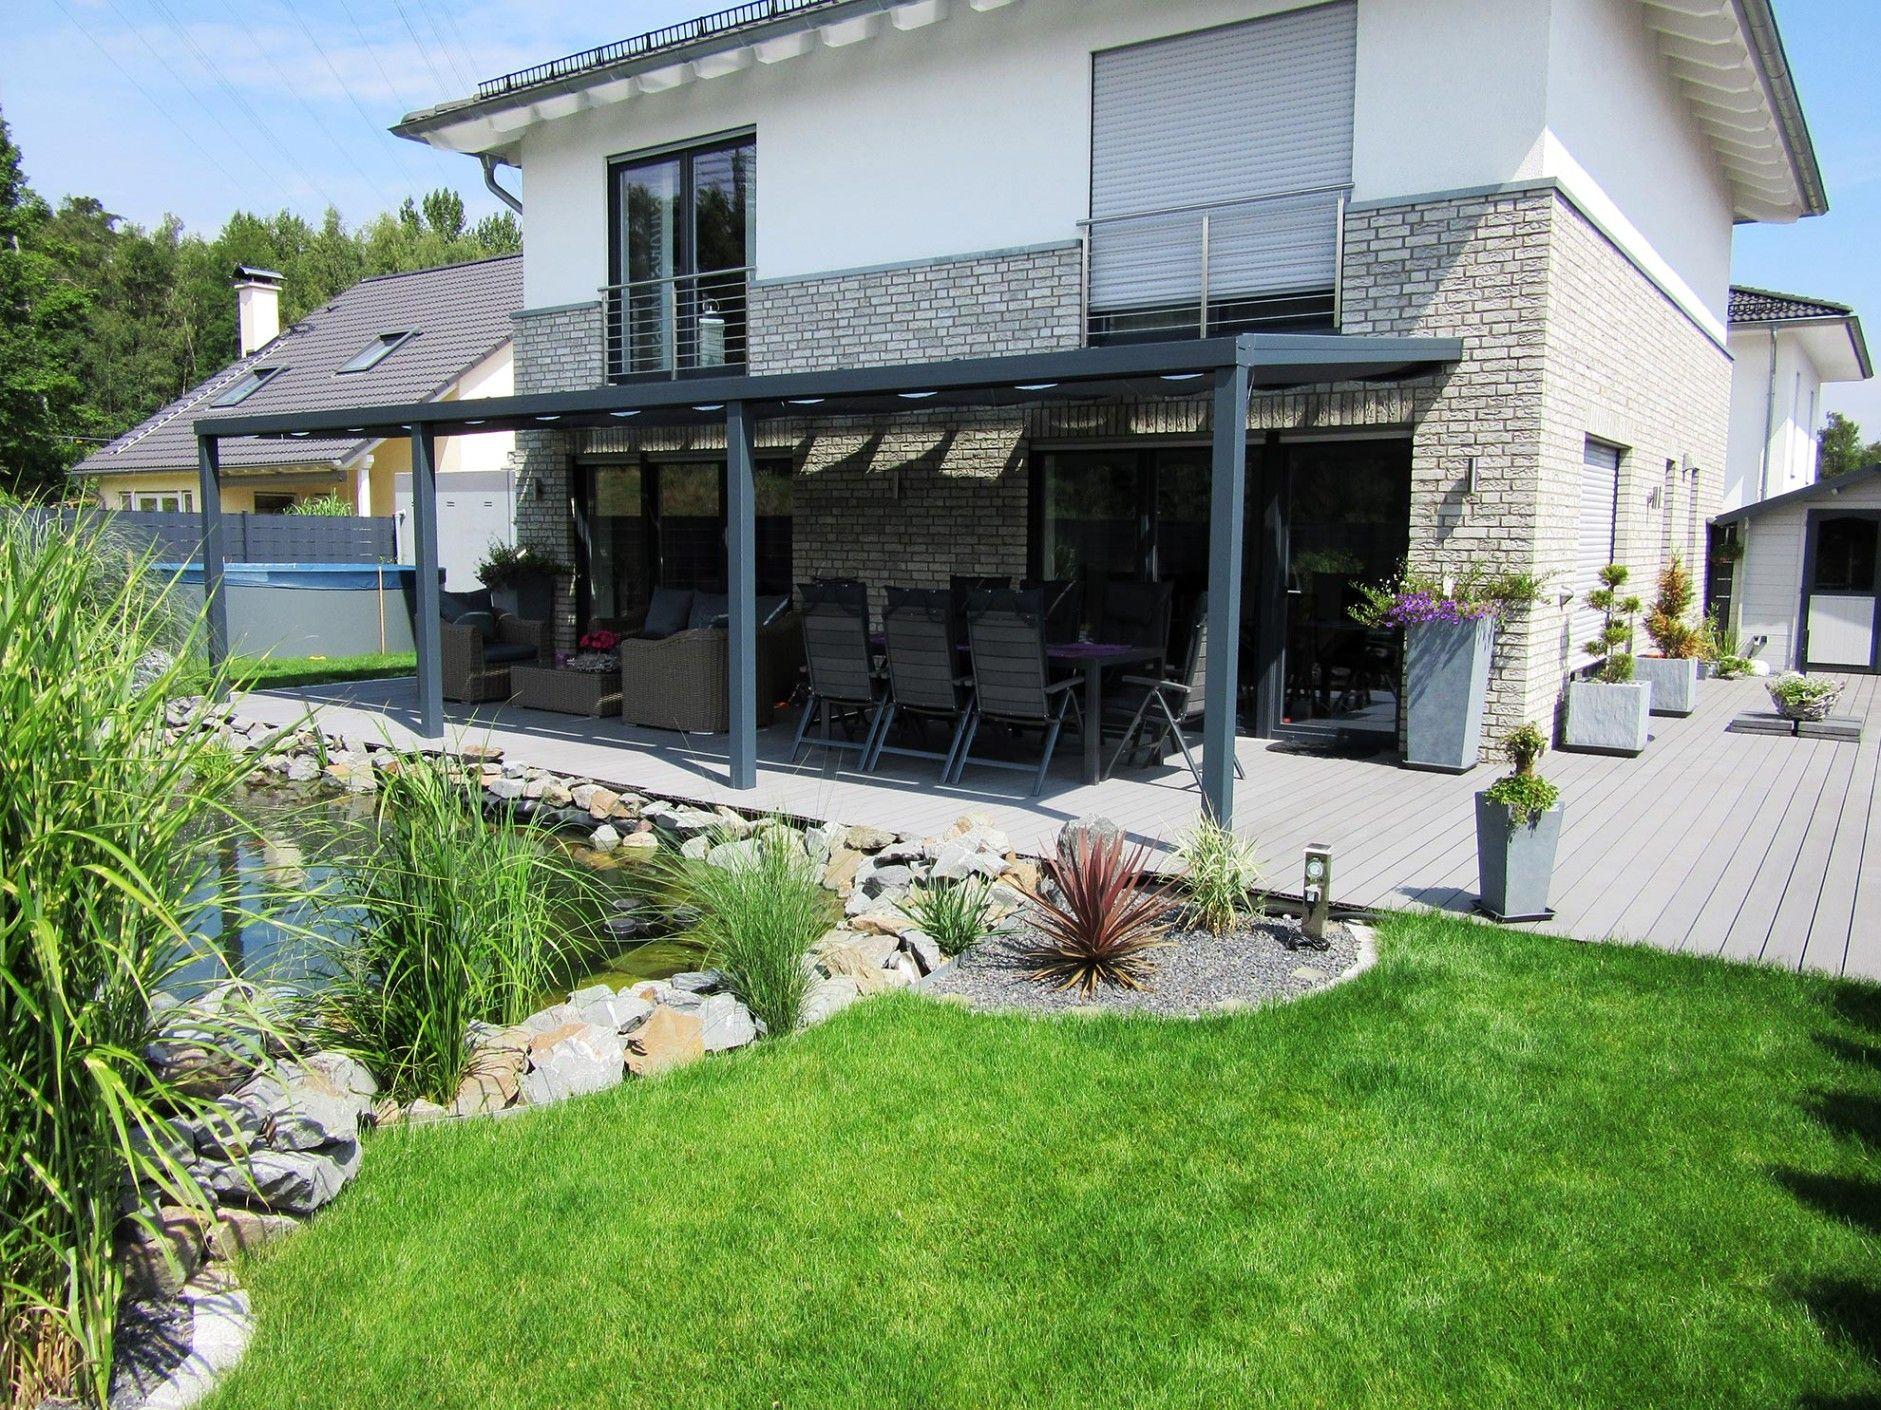 Terrassen Sichtschutz Rollo #Wohndesign #Terrassen #Terrassedesign